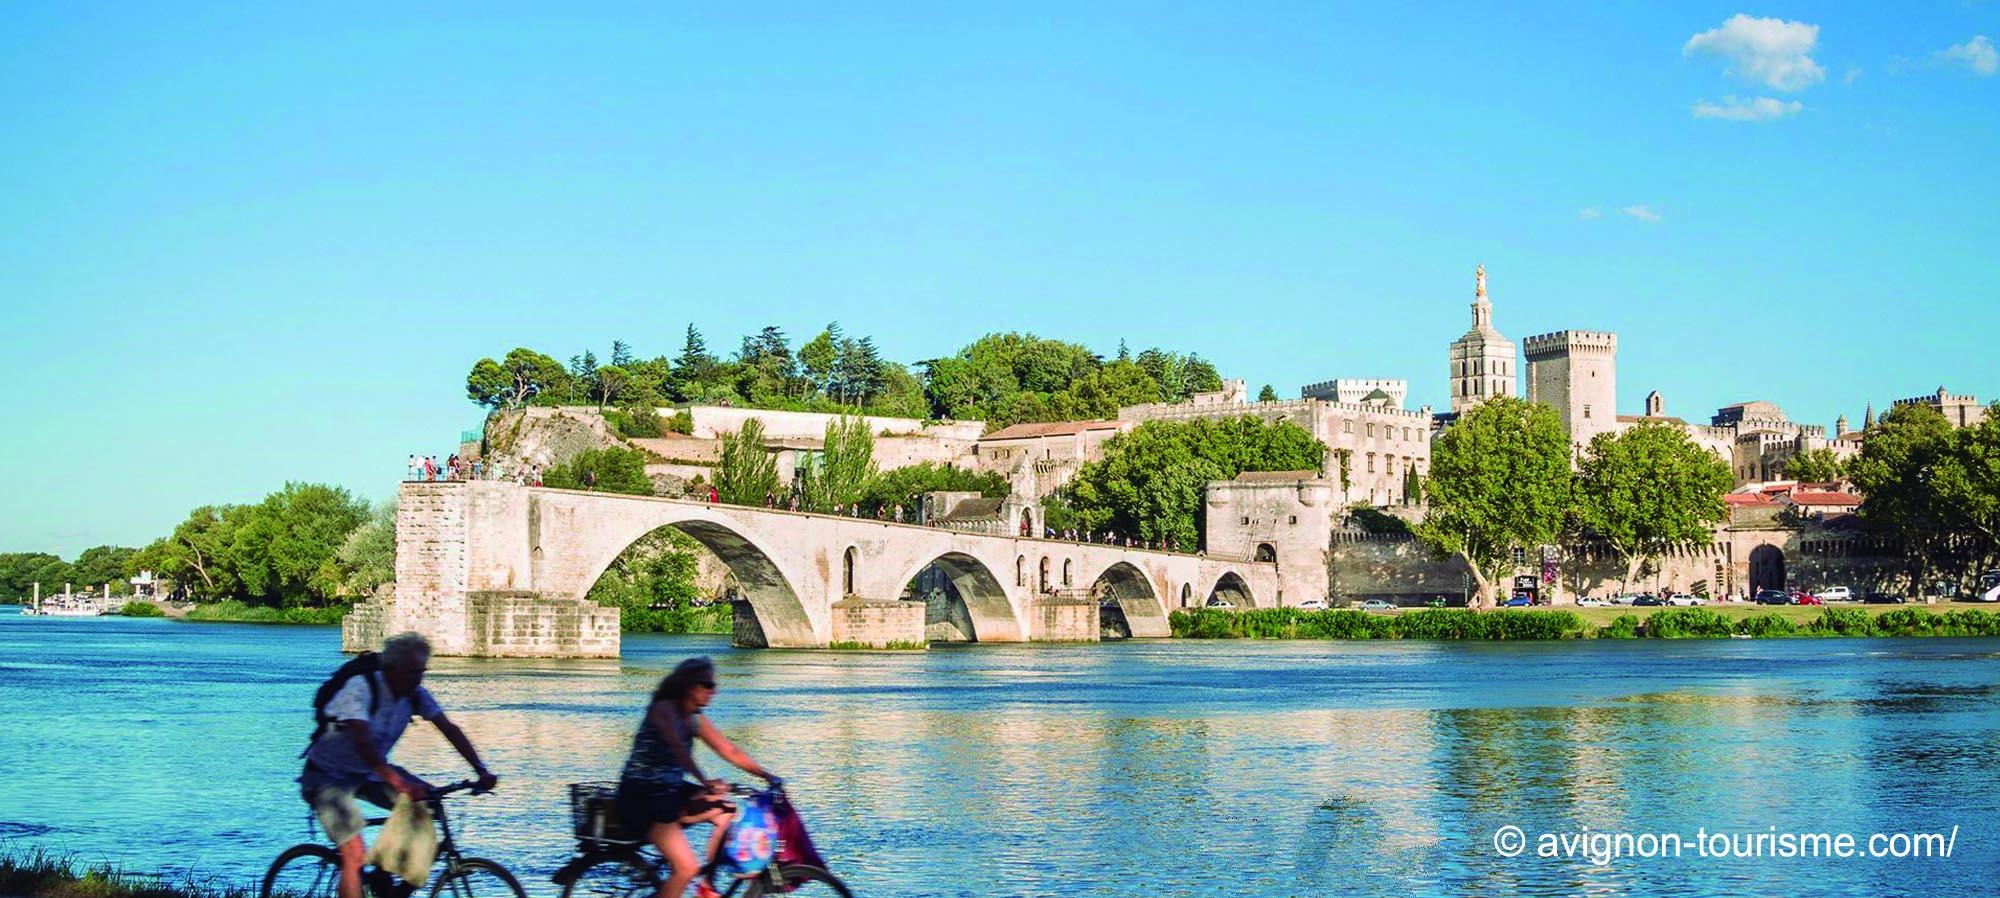 © avignon-tourisme.com